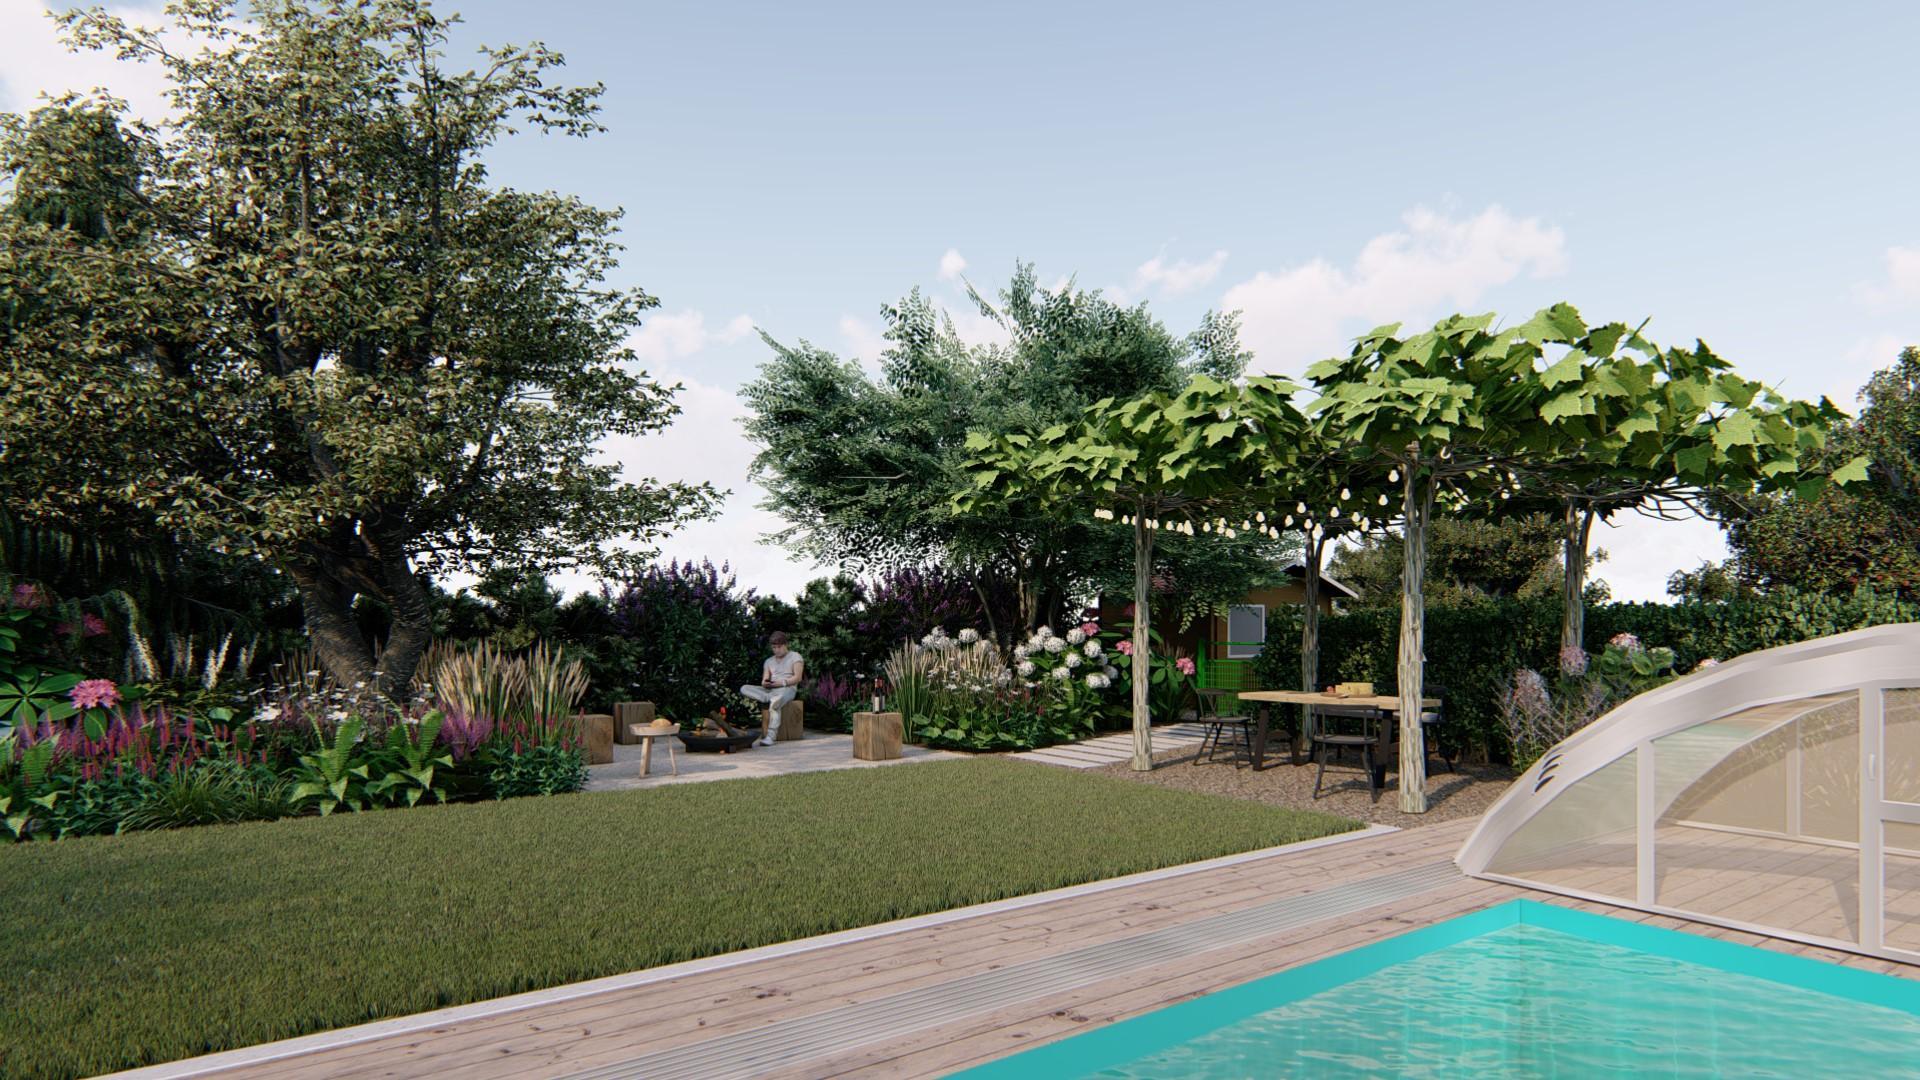 Záhrada s brezami - Obrázok č. 16